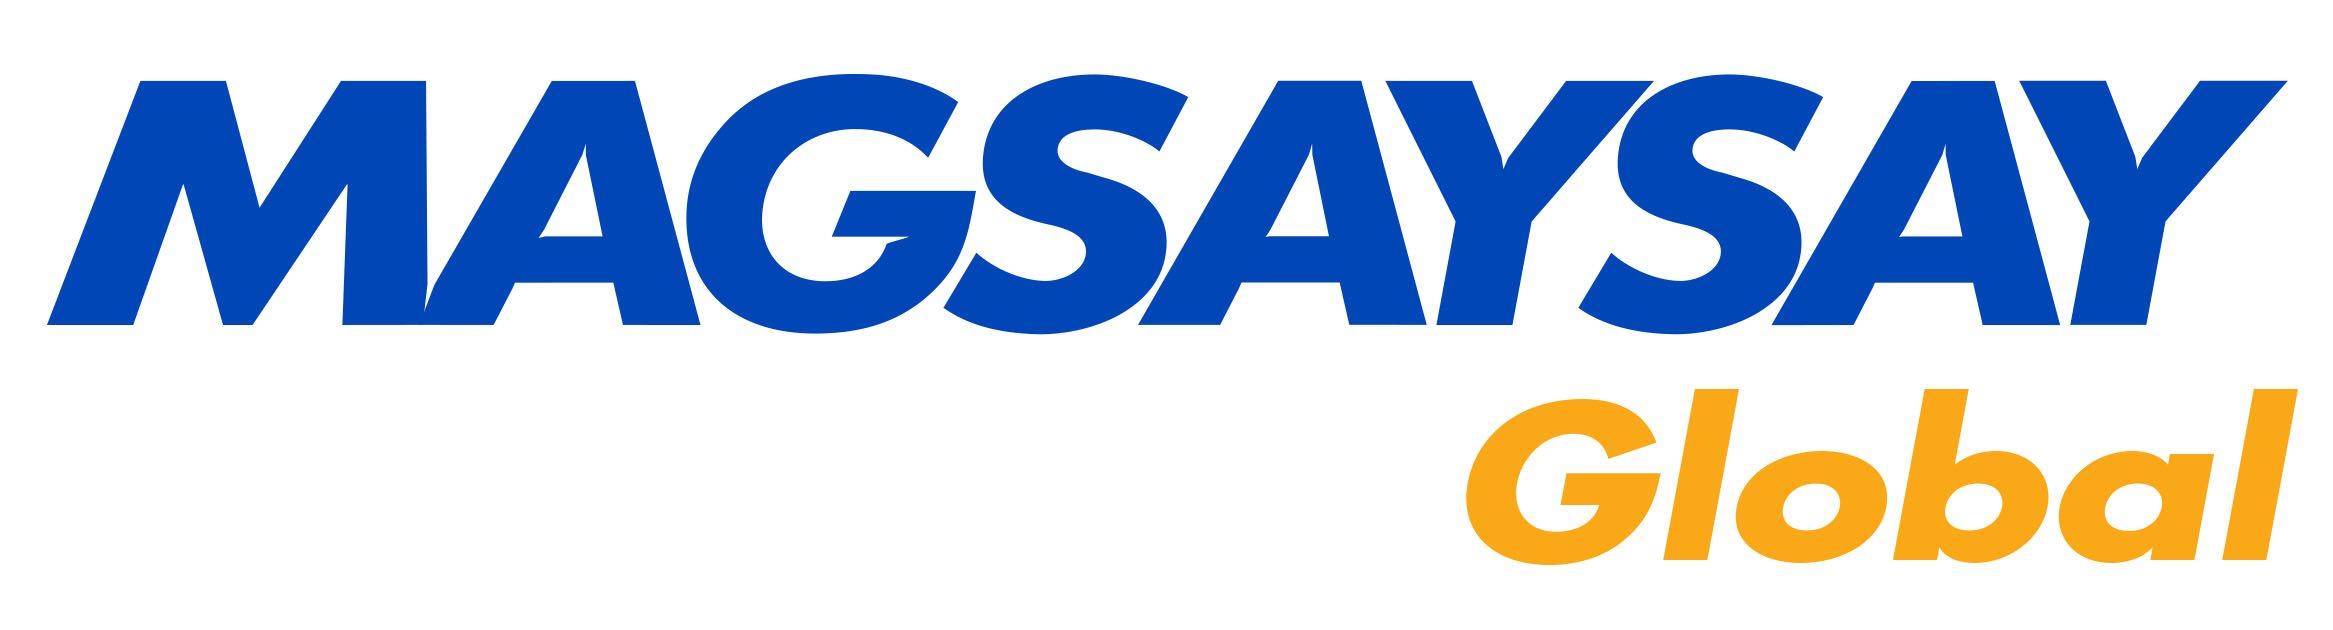 Magsaysay Global Services Inc.